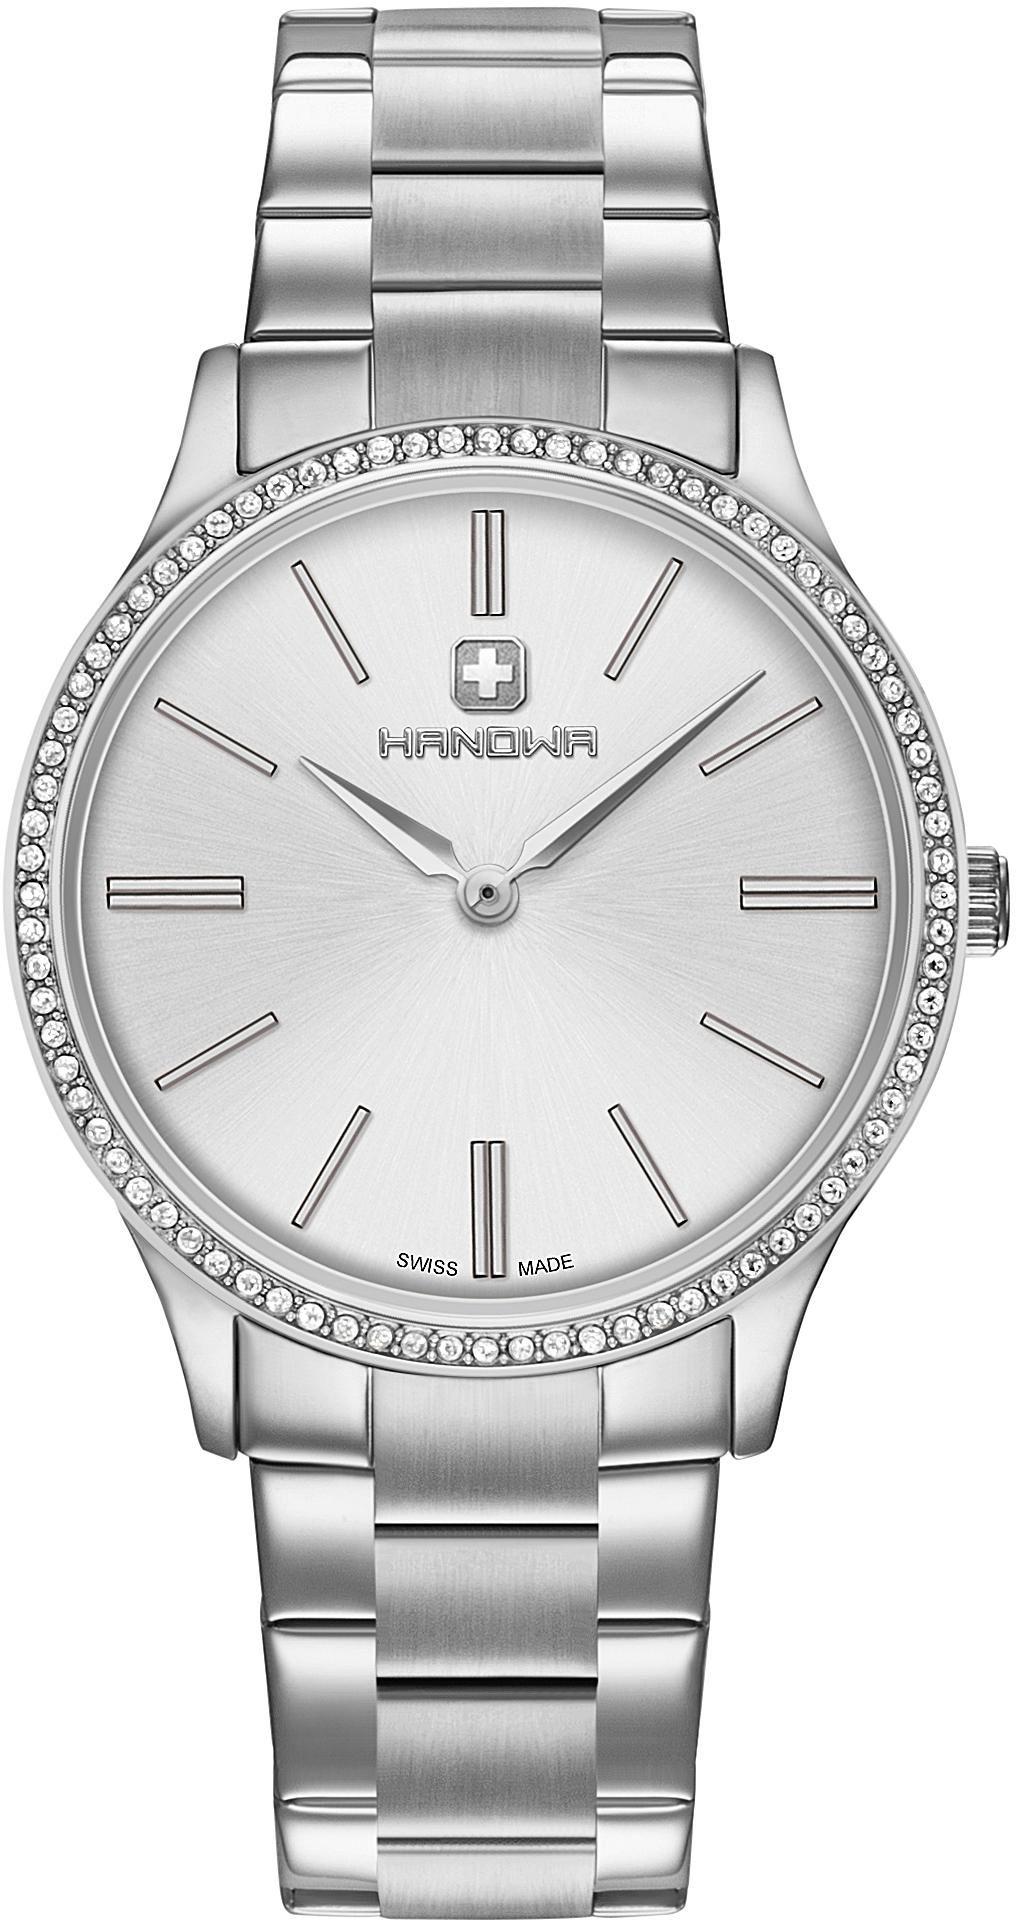 HANOWA Hanowa Schweizer Uhr »LENA, 16-7067.04.001«